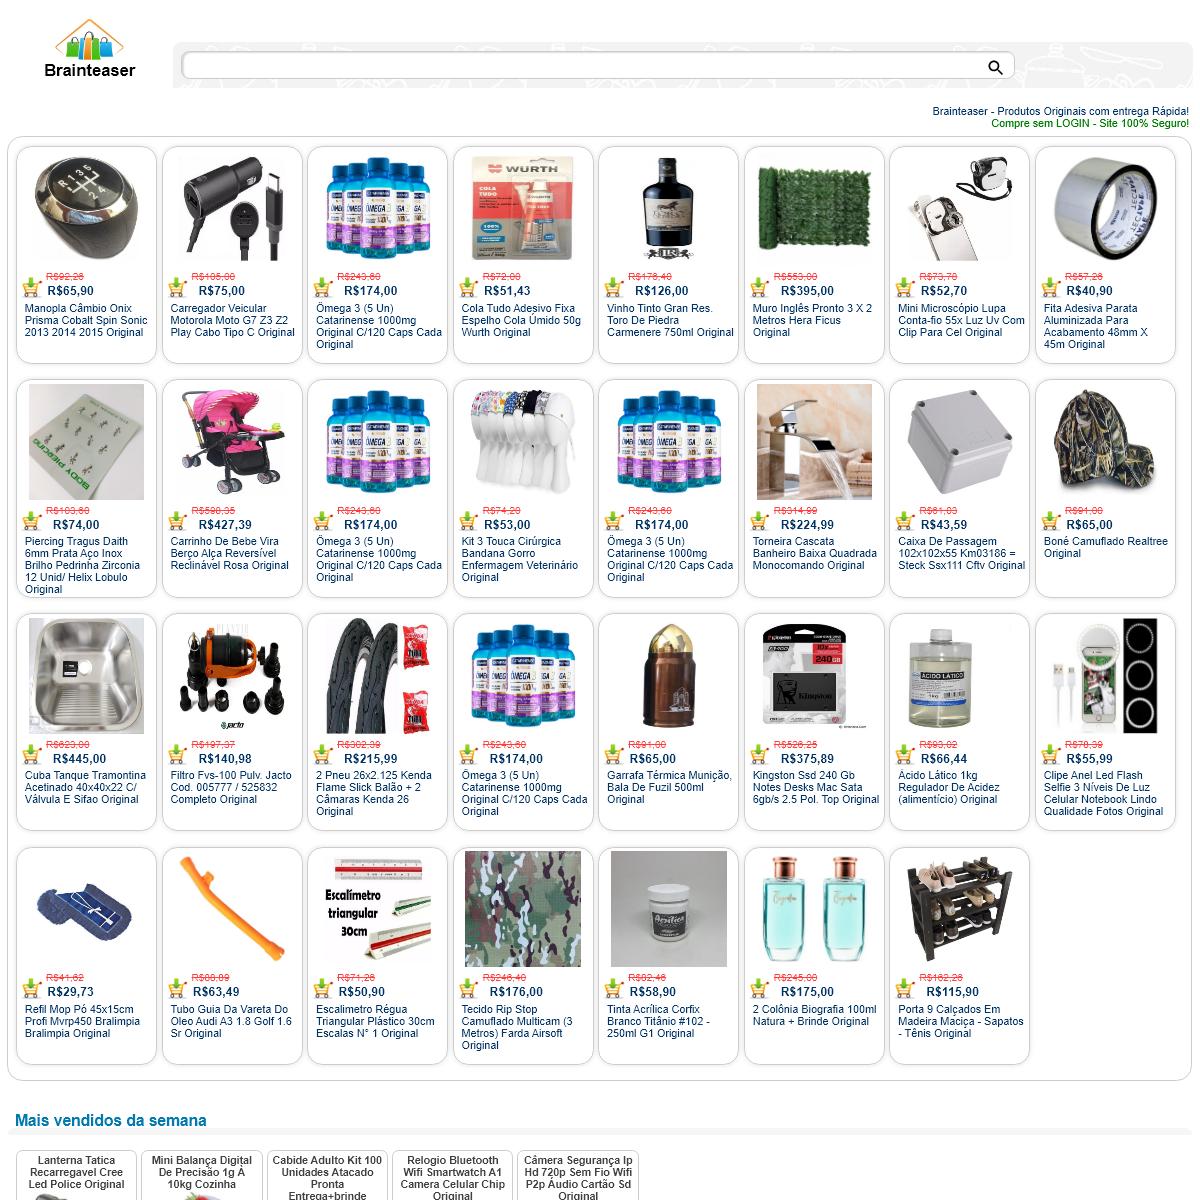 www.brainteaser.com.br - Produtos Originais com entrega Rápida! - Compre sem LOGIN - Site 100- Seguro!